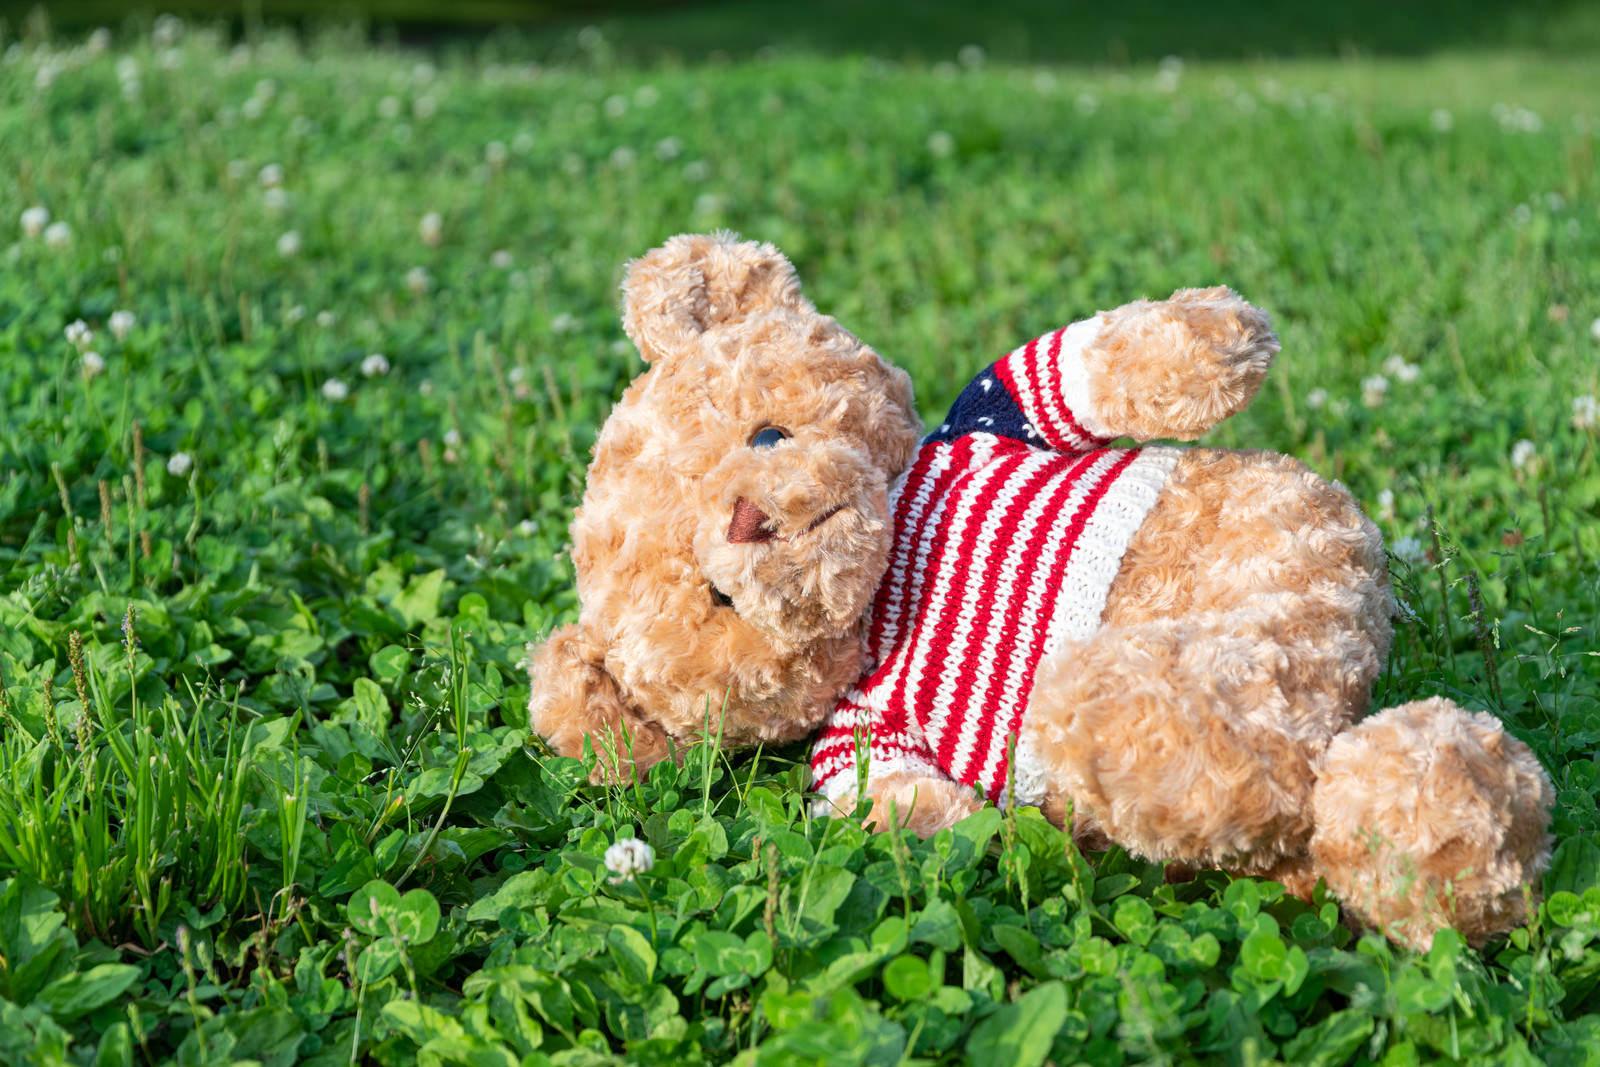 「野原で寝そべるくまのぬいぐるみ」の写真